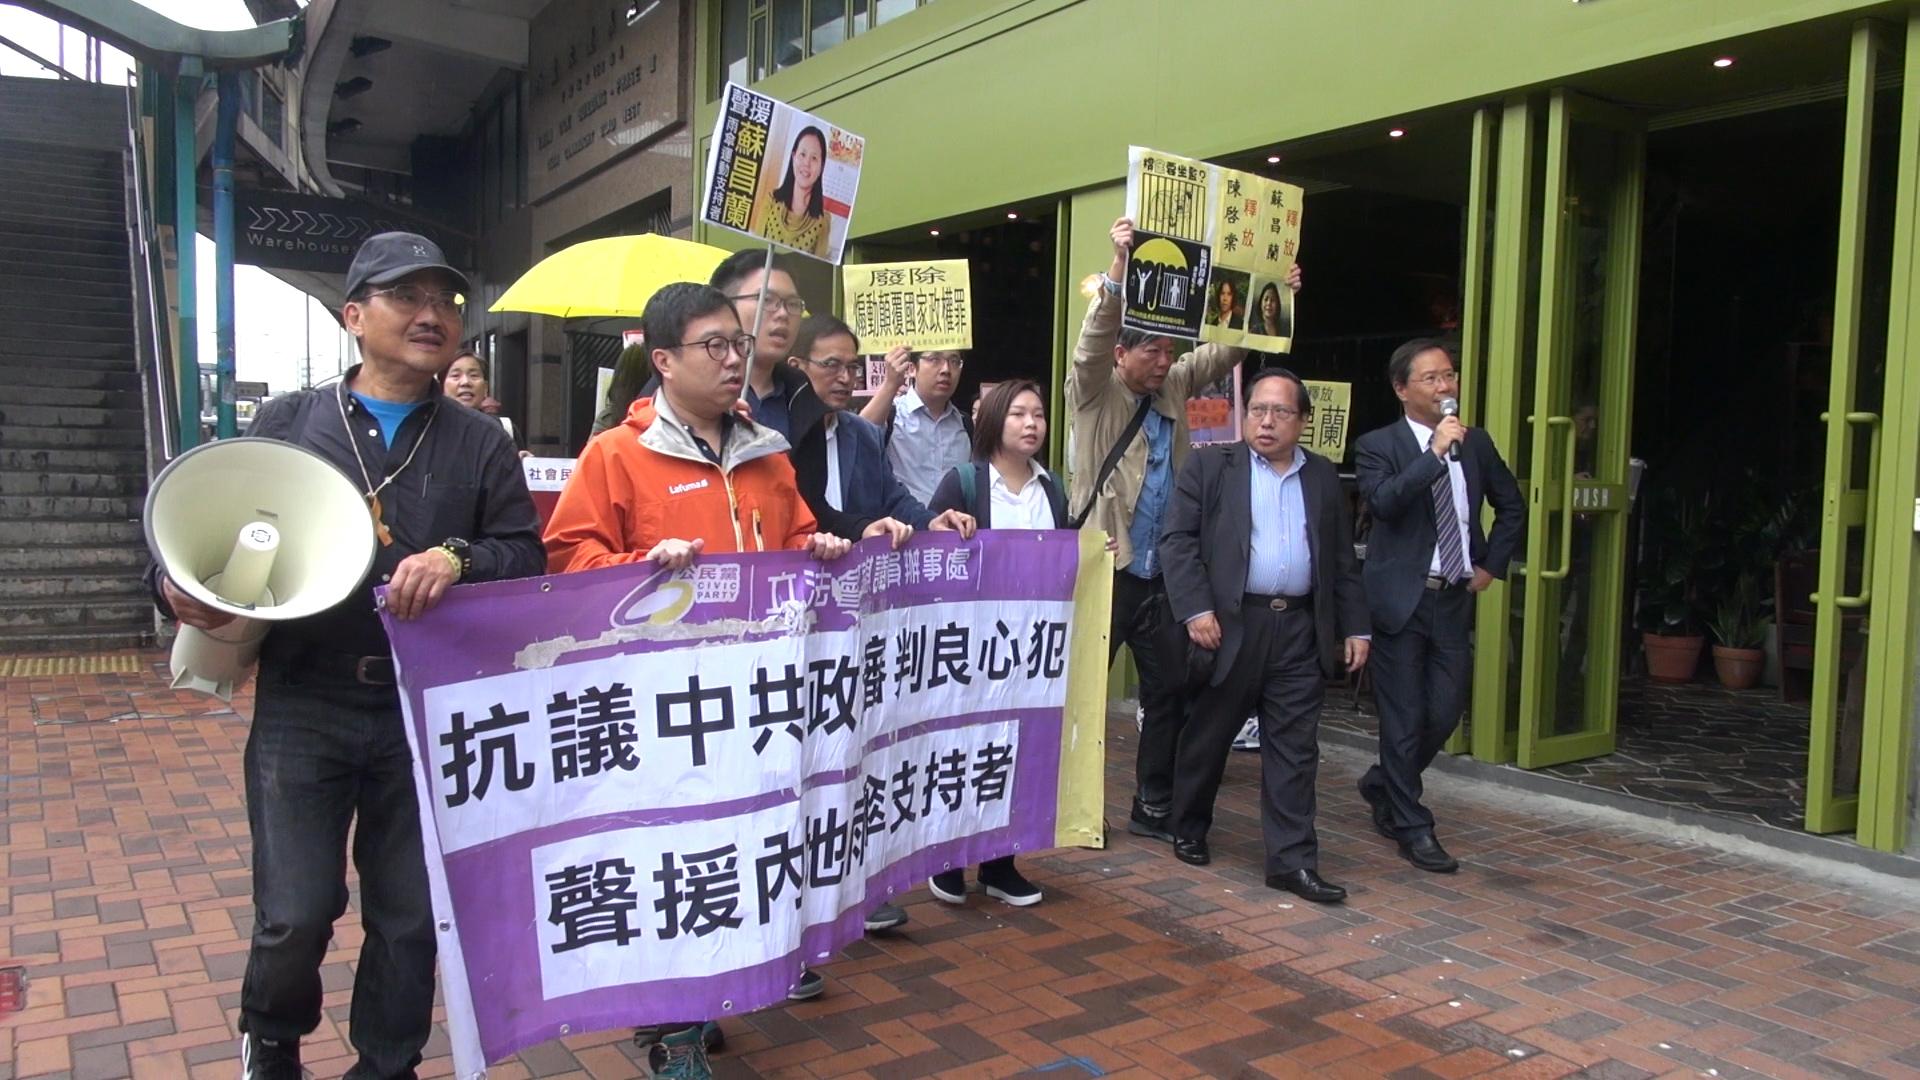 多個組織發起遊行,促請中央政府盡快釋放所有在囚的維權人士。(影片截圖)